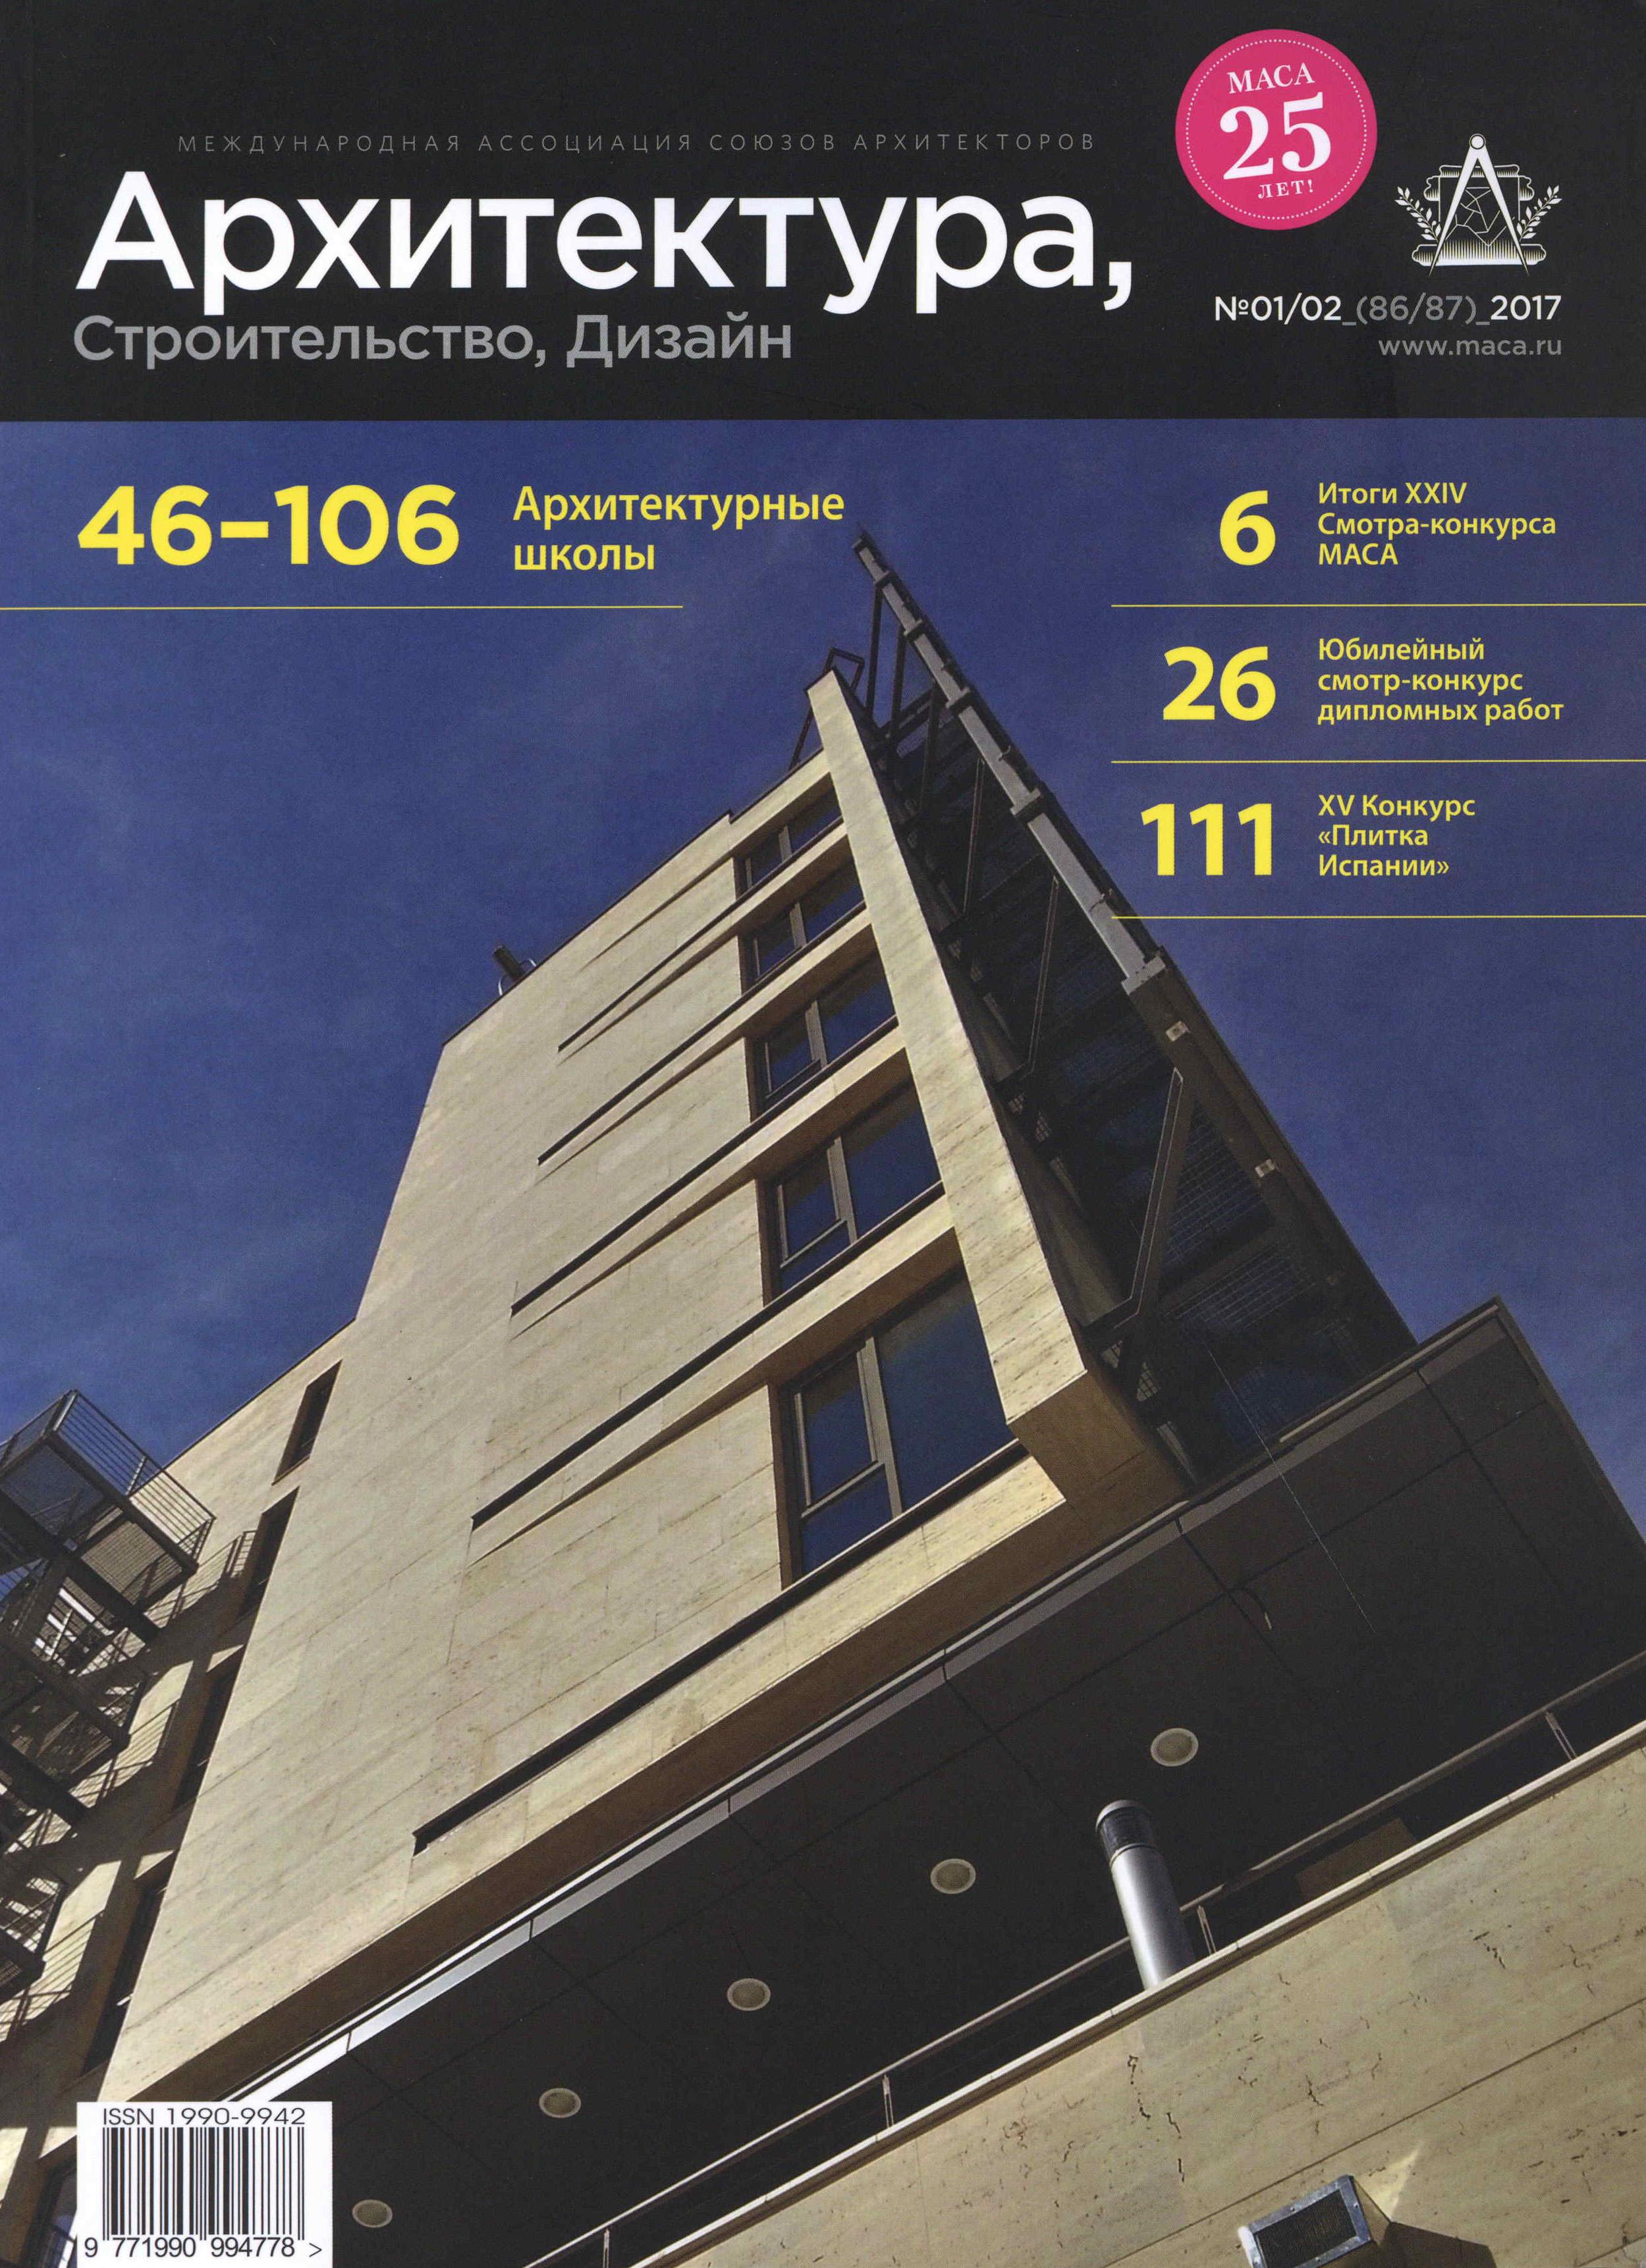 Институт архитектуры и строительства и дизайна